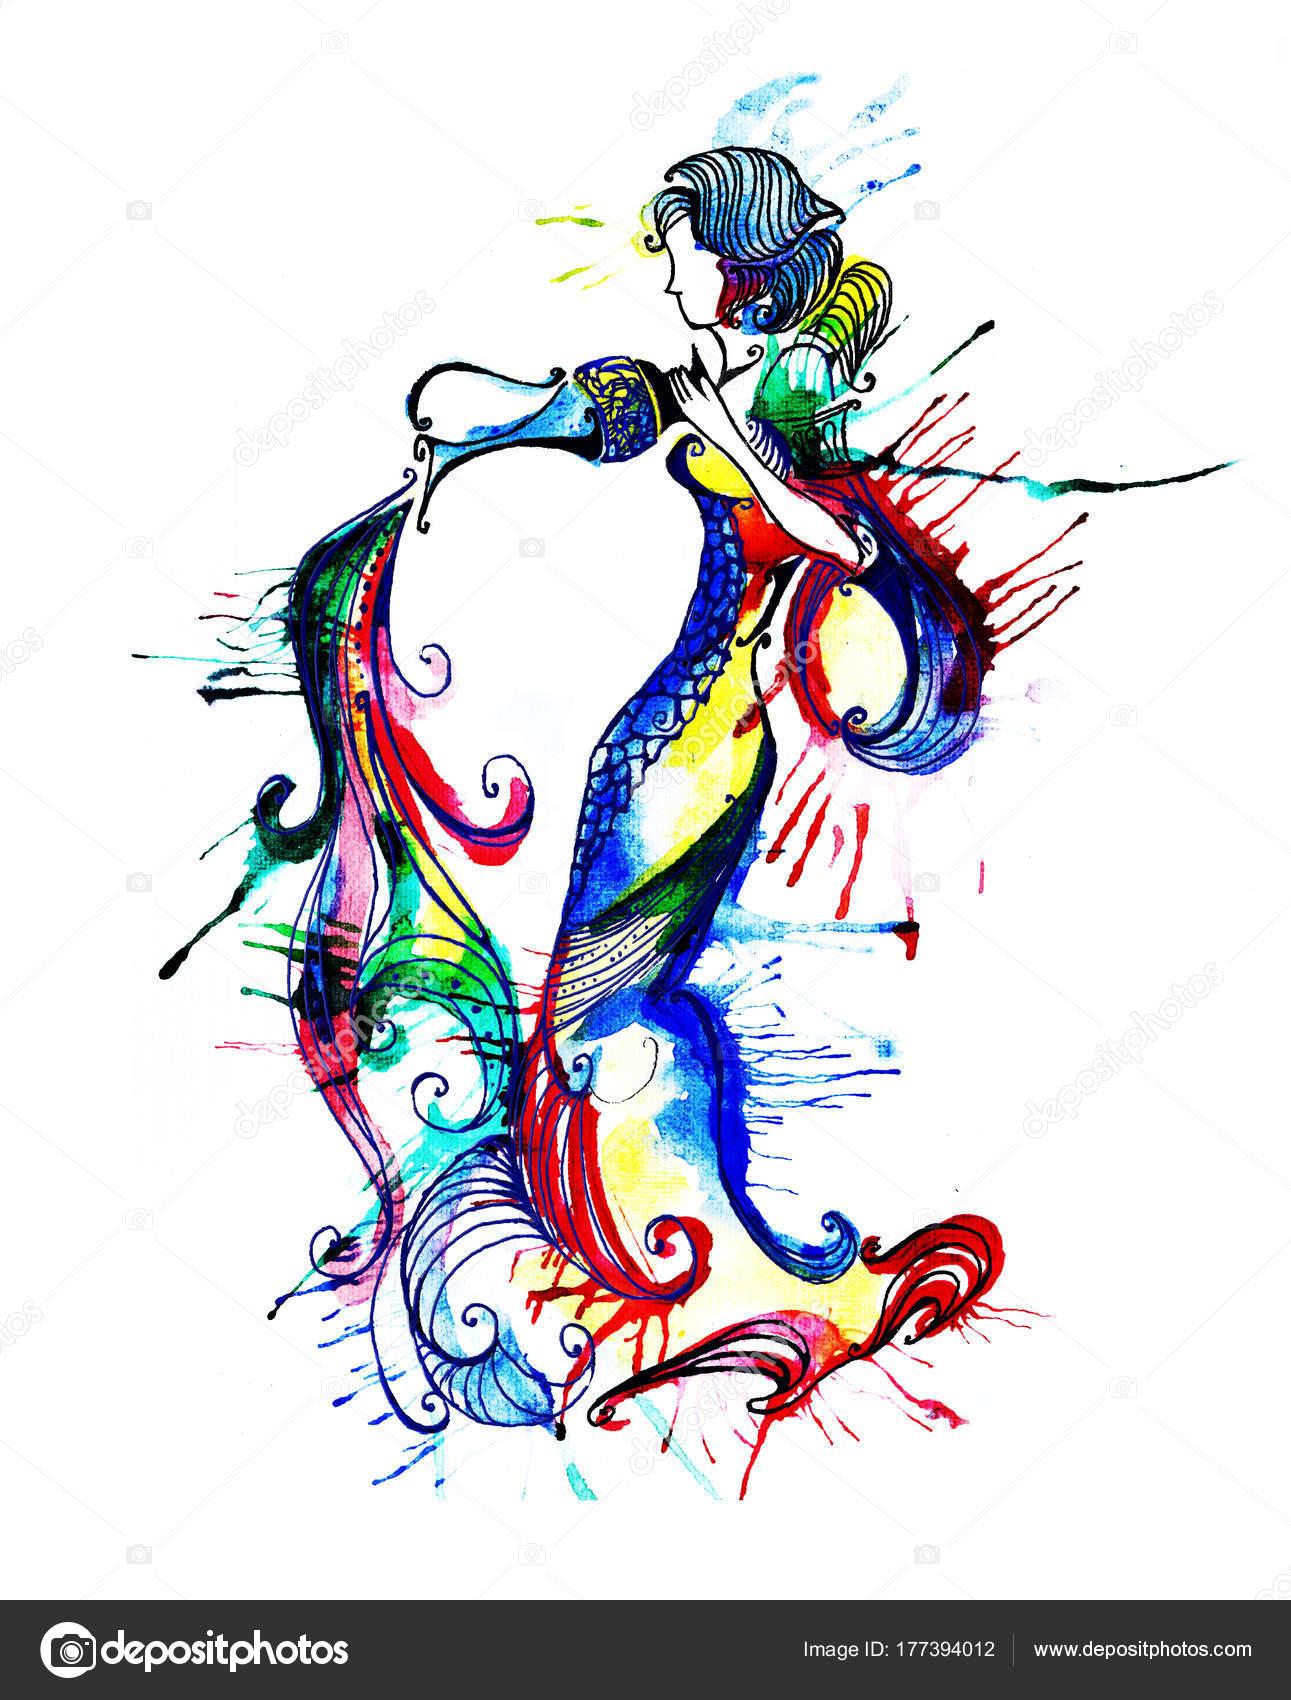 Disegno Acquario Segno Zodiacale.Illustrazione Acquario Zodiaco Illustrazione Dello